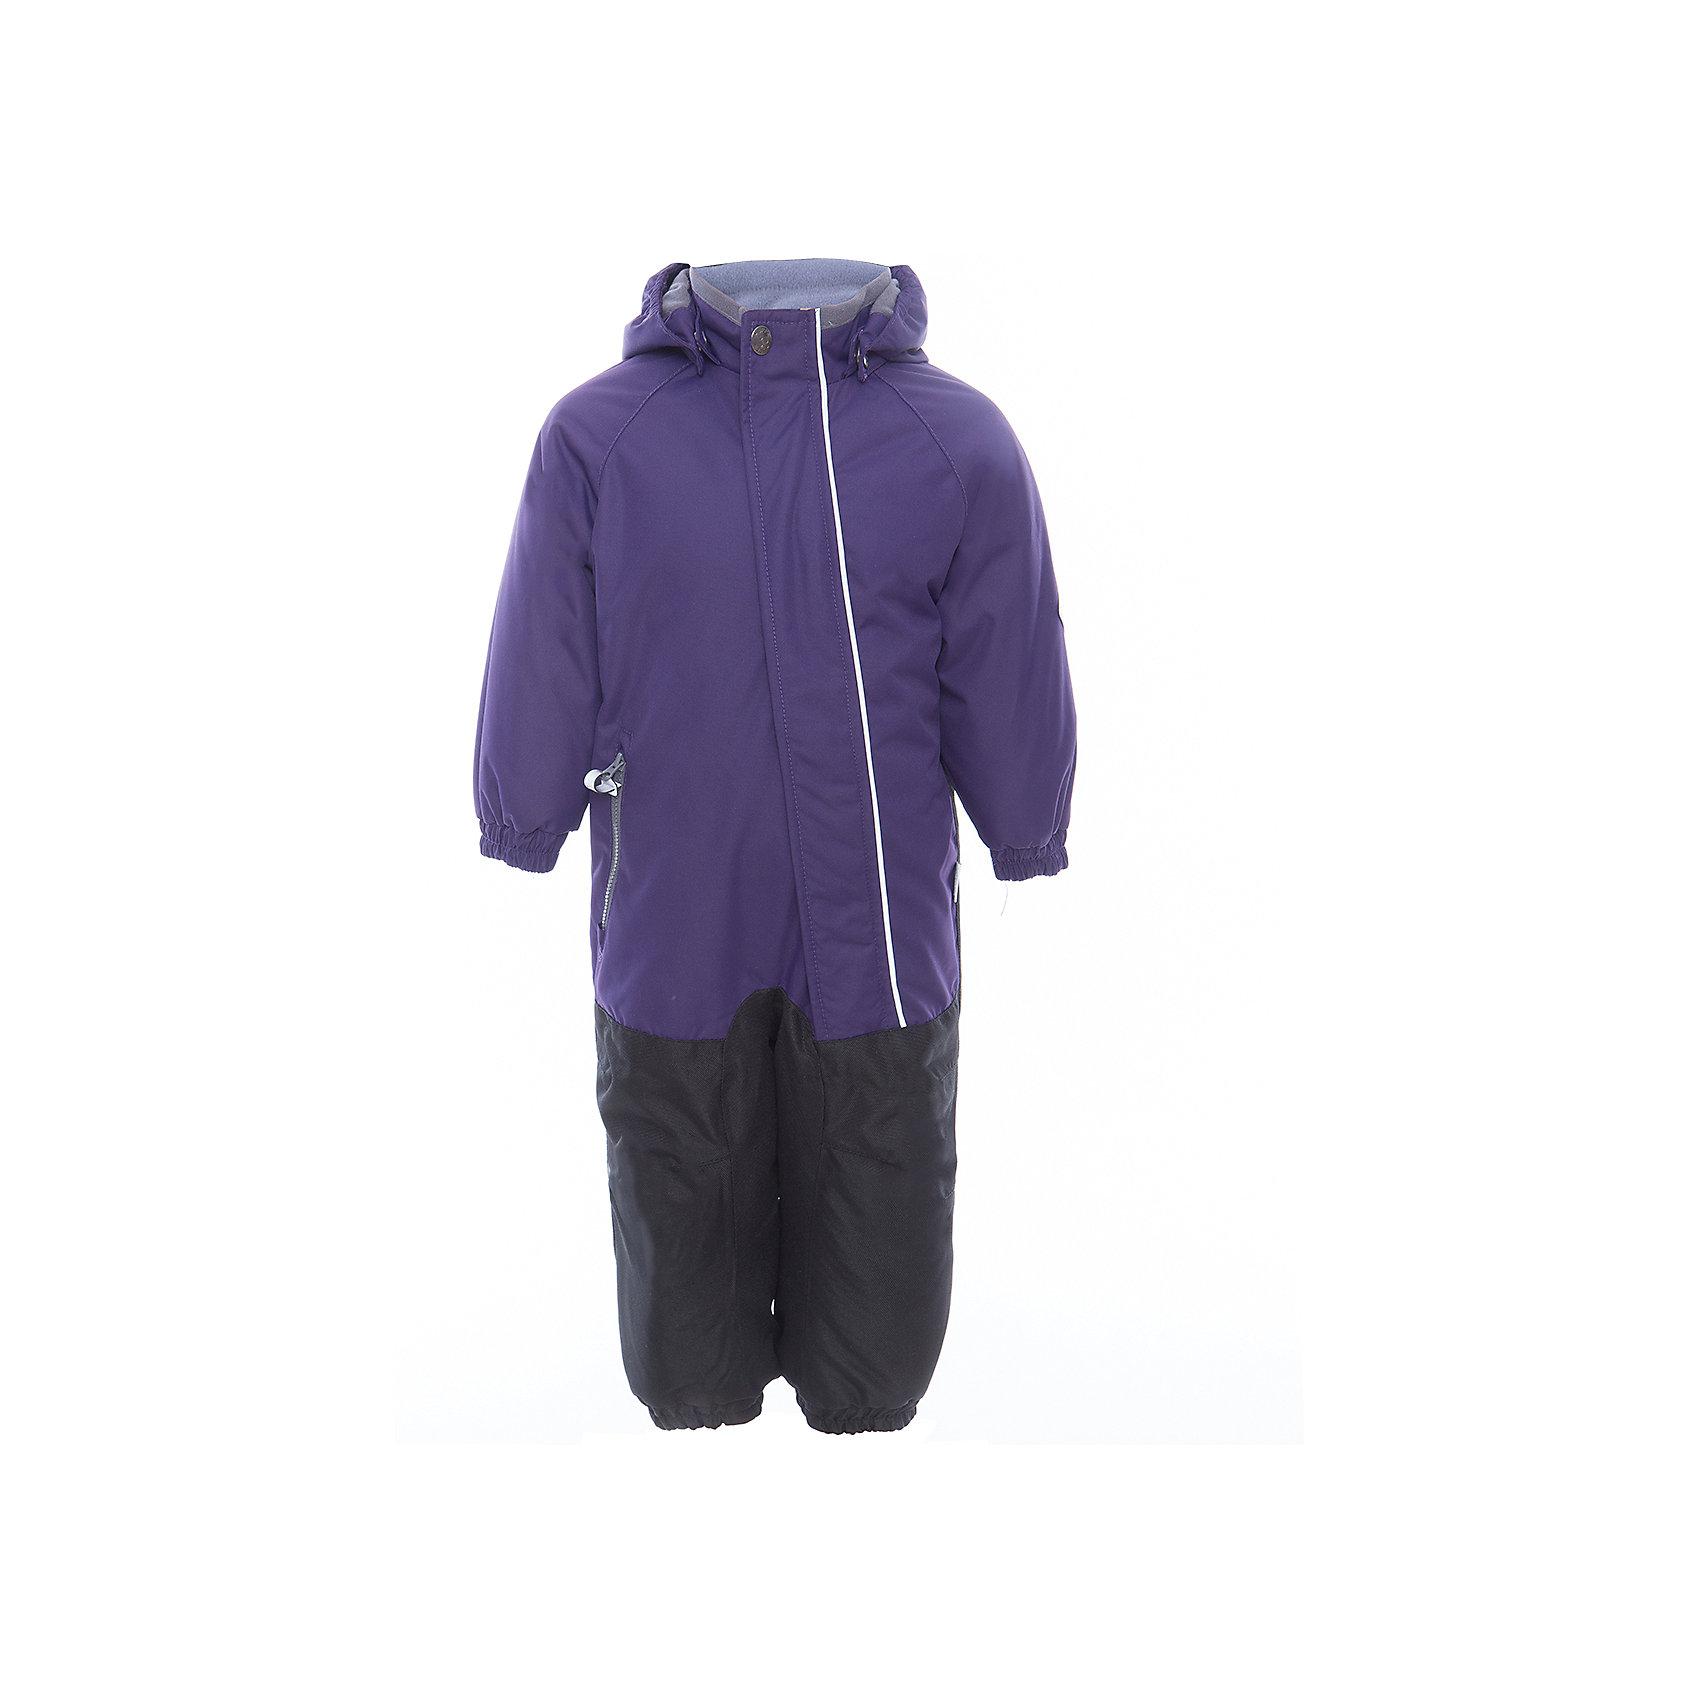 Комбинезон CHRIS для девочки HuppaВерхняя одежда<br>Характеристики товара:<br><br>• цвет: тёмно-фиолетовый<br>• ткань: 100% полиэстер<br>• подкладка: тафта, pritex - 100% полиэстер<br>• утеплитель: 100% полиэстер 100 г<br>• температурный режим: от -5°С до +10°С<br>• водонепроницаемость: 10000 мм<br>• воздухопроницаемость: 10000 мм<br>• светоотражающие детали<br>• средний задний шов, боковые и внутренние швы проклеены<br>• съёмный капюшон с резинкой<br>• защита подбородка<br>• эластичные манжеты<br>• манжеты брюк с резинкой<br>• съёмные эластичные штрипки<br>• без внутренних швов<br>• коллекция: весна-лето 2017<br>• страна бренда: Эстония<br><br>Этот удобный комбинезон обеспечит детям тепло и комфорт. Он сделан из материала, отталкивающего воду, и дополнен подкладкой с утеплителем, поэтому изделие идеально подходит для межсезонья. Материал изделия - с мембранной технологией: защищая от влаги и ветра, он легко выводит лишнюю влагу наружу. Комбинезон очень симпатично смотрится. <br><br>Одежда и обувь от популярного эстонского бренда Huppa - отличный вариант одеть ребенка можно и комфортно. Вещи, выпускаемые компанией, качественные, продуманные и очень удобные. Для производства изделий используются только безопасные для детей материалы. Продукция от Huppa порадует и детей, и их родителей!<br><br>Комбинезон GOLDEN от бренда Huppa (Хуппа) можно купить в нашем интернет-магазине.<br><br>Ширина мм: 356<br>Глубина мм: 10<br>Высота мм: 245<br>Вес г: 519<br>Цвет: розовый<br>Возраст от месяцев: 36<br>Возраст до месяцев: 48<br>Пол: Женский<br>Возраст: Детский<br>Размер: 104,80,86,92,98<br>SKU: 5346524